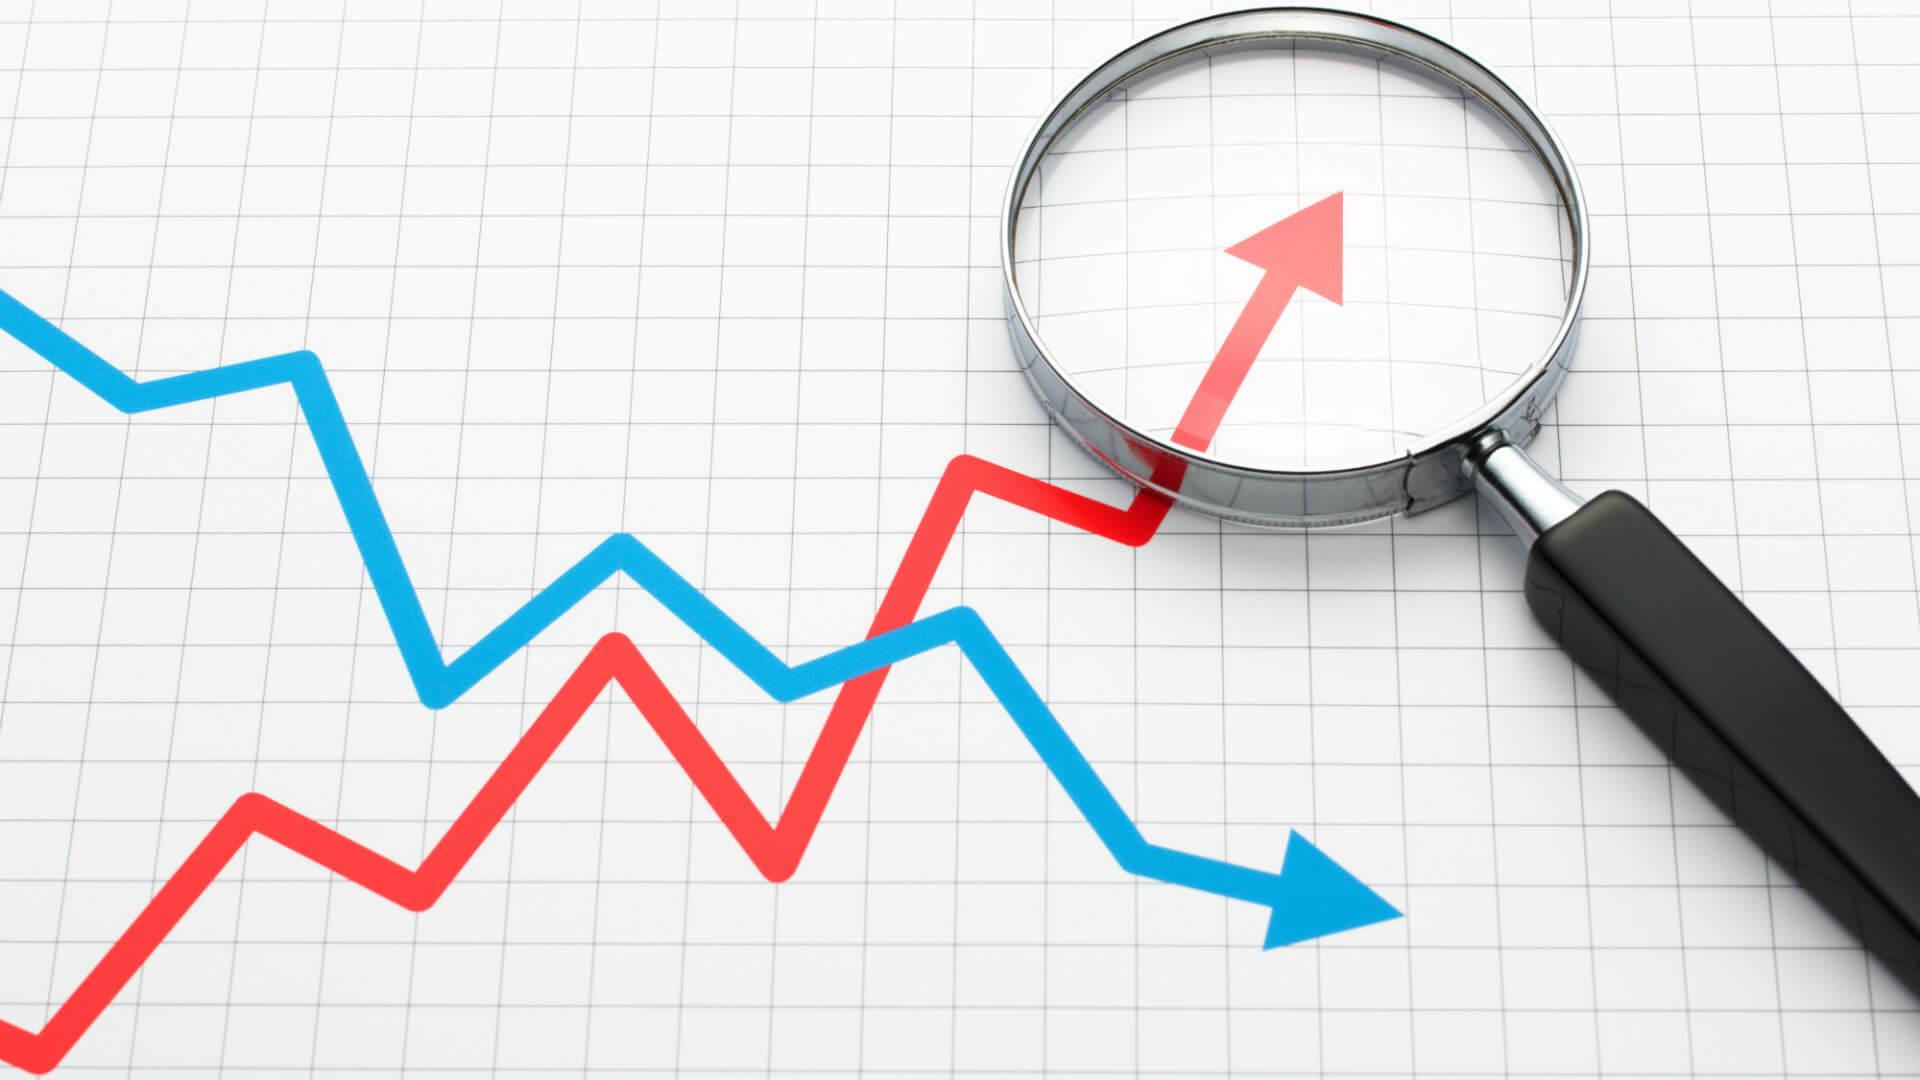 ارتفاع توقعات التضخم والنمو حسب استطلاعات الاحتياطي الفيدرالي بفيلادلفيا